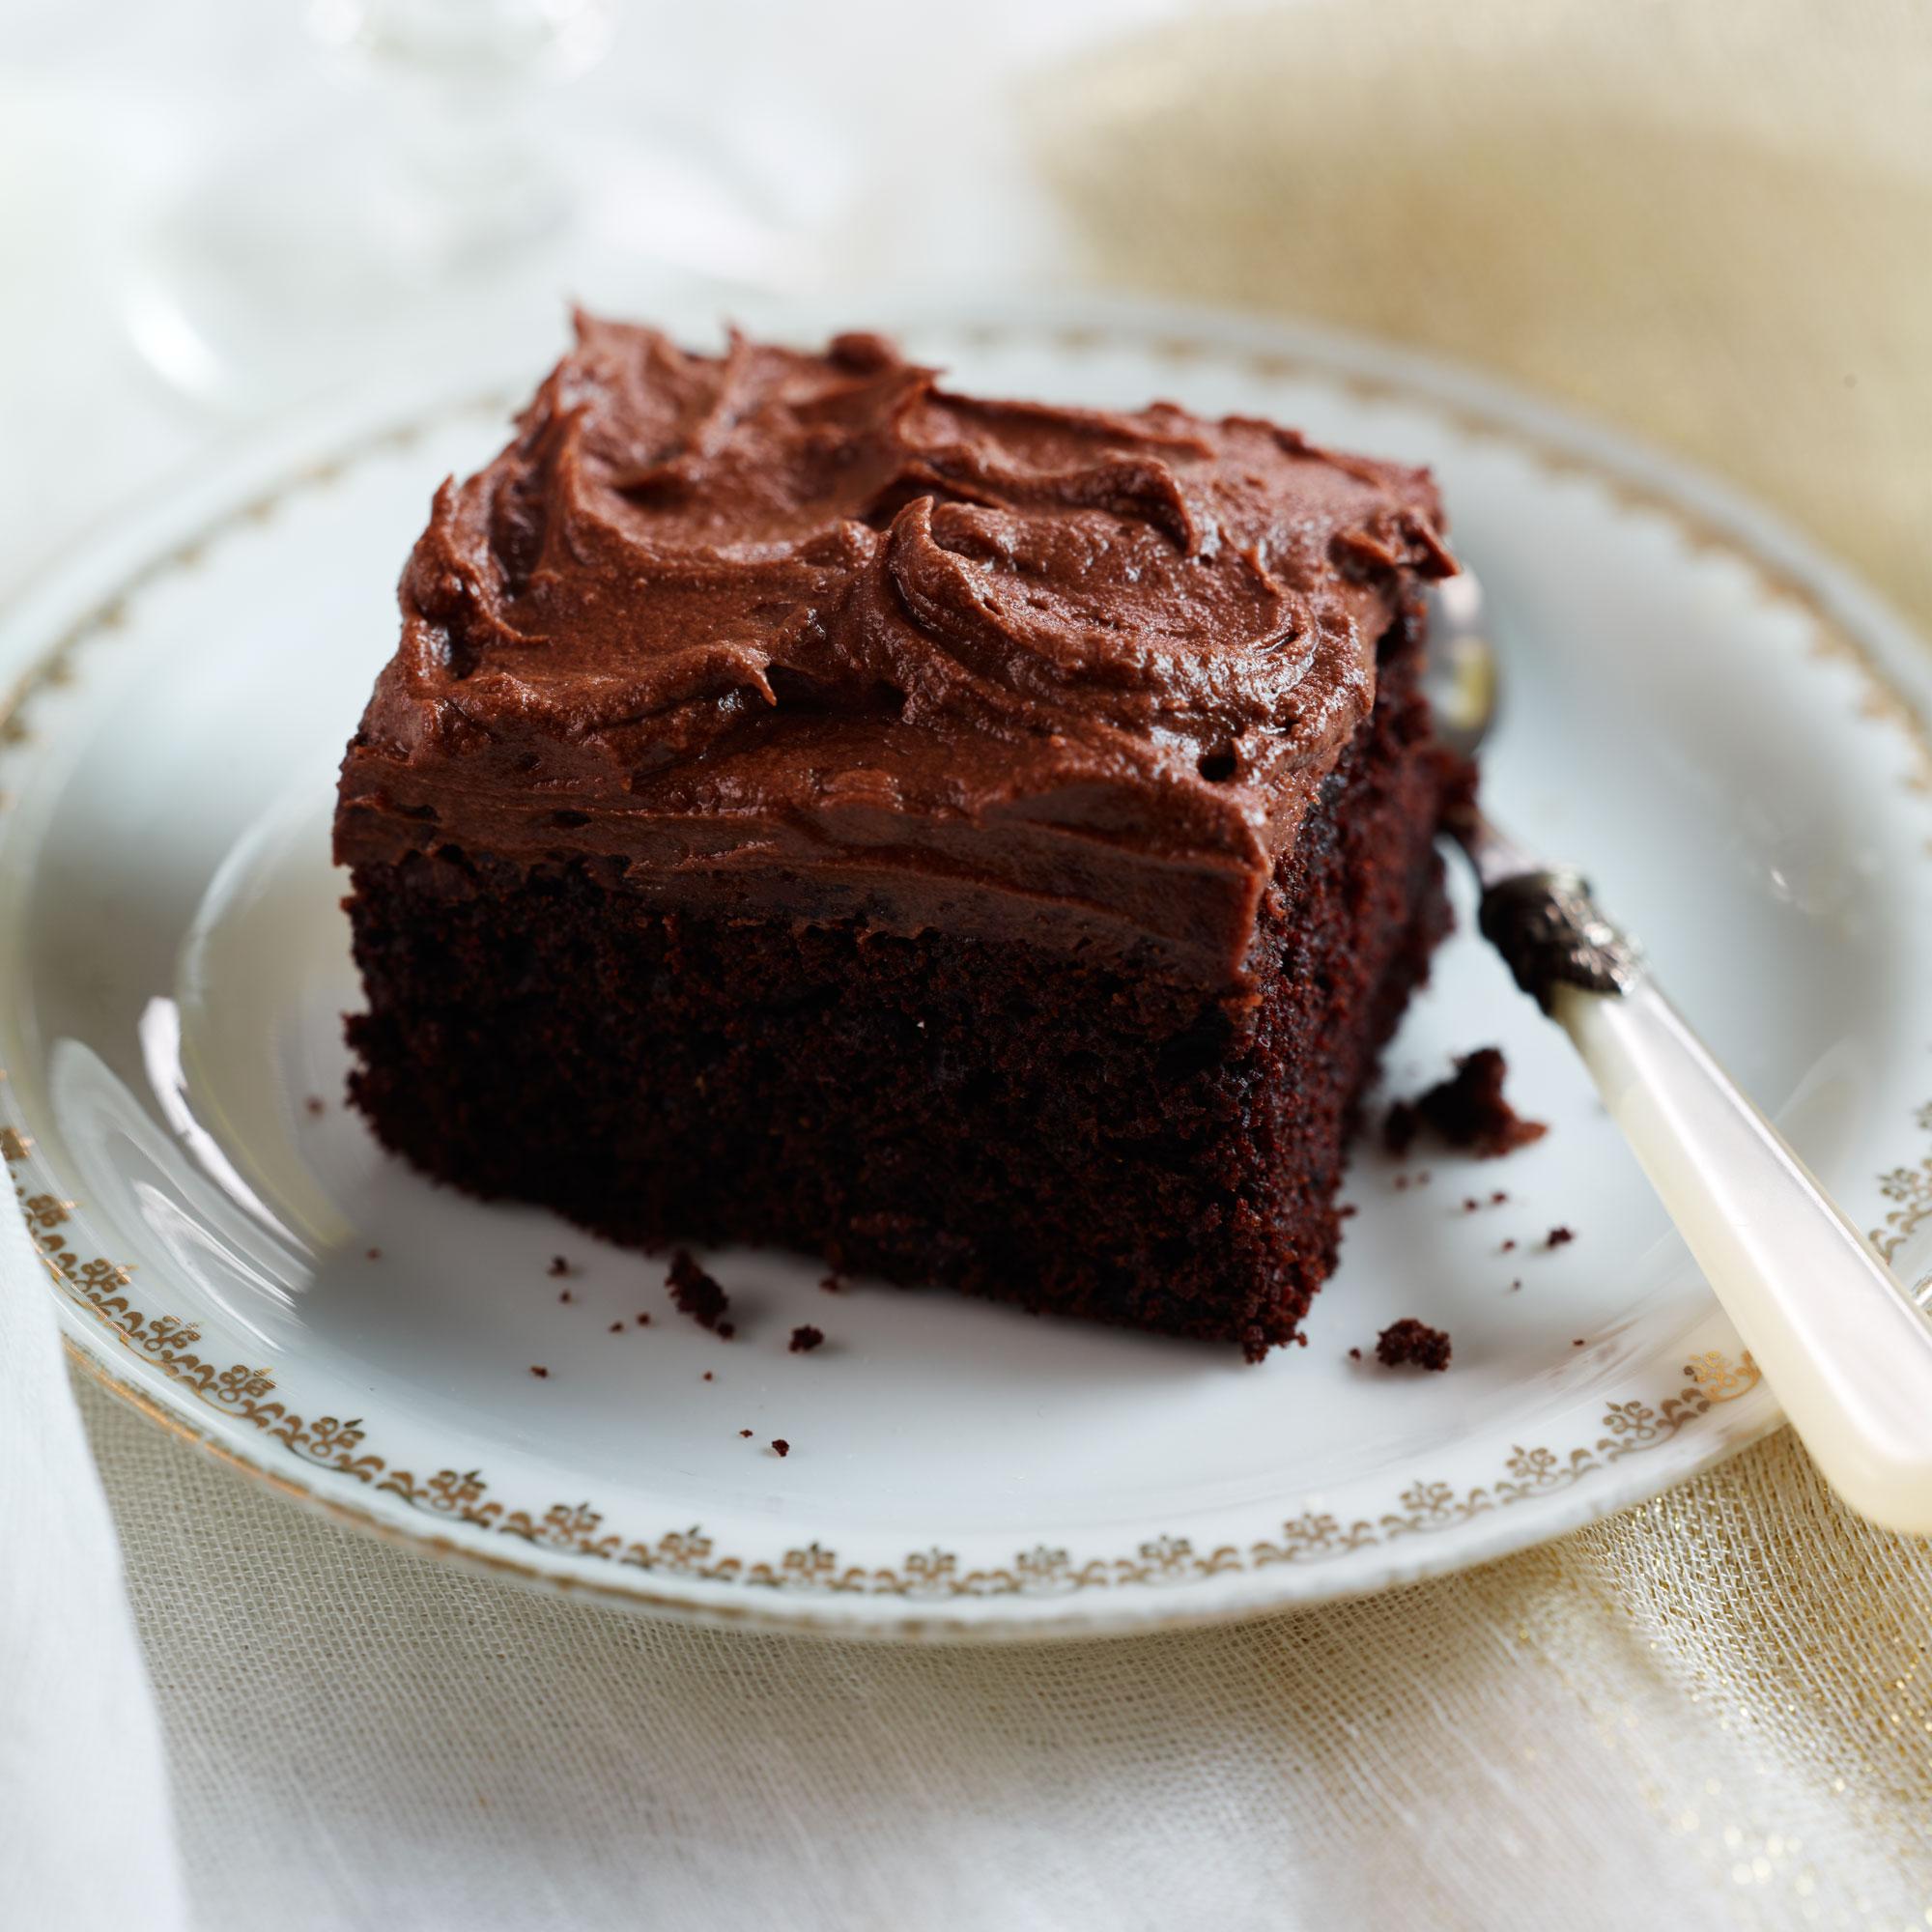 Chocolate Fudge Icing Recipe